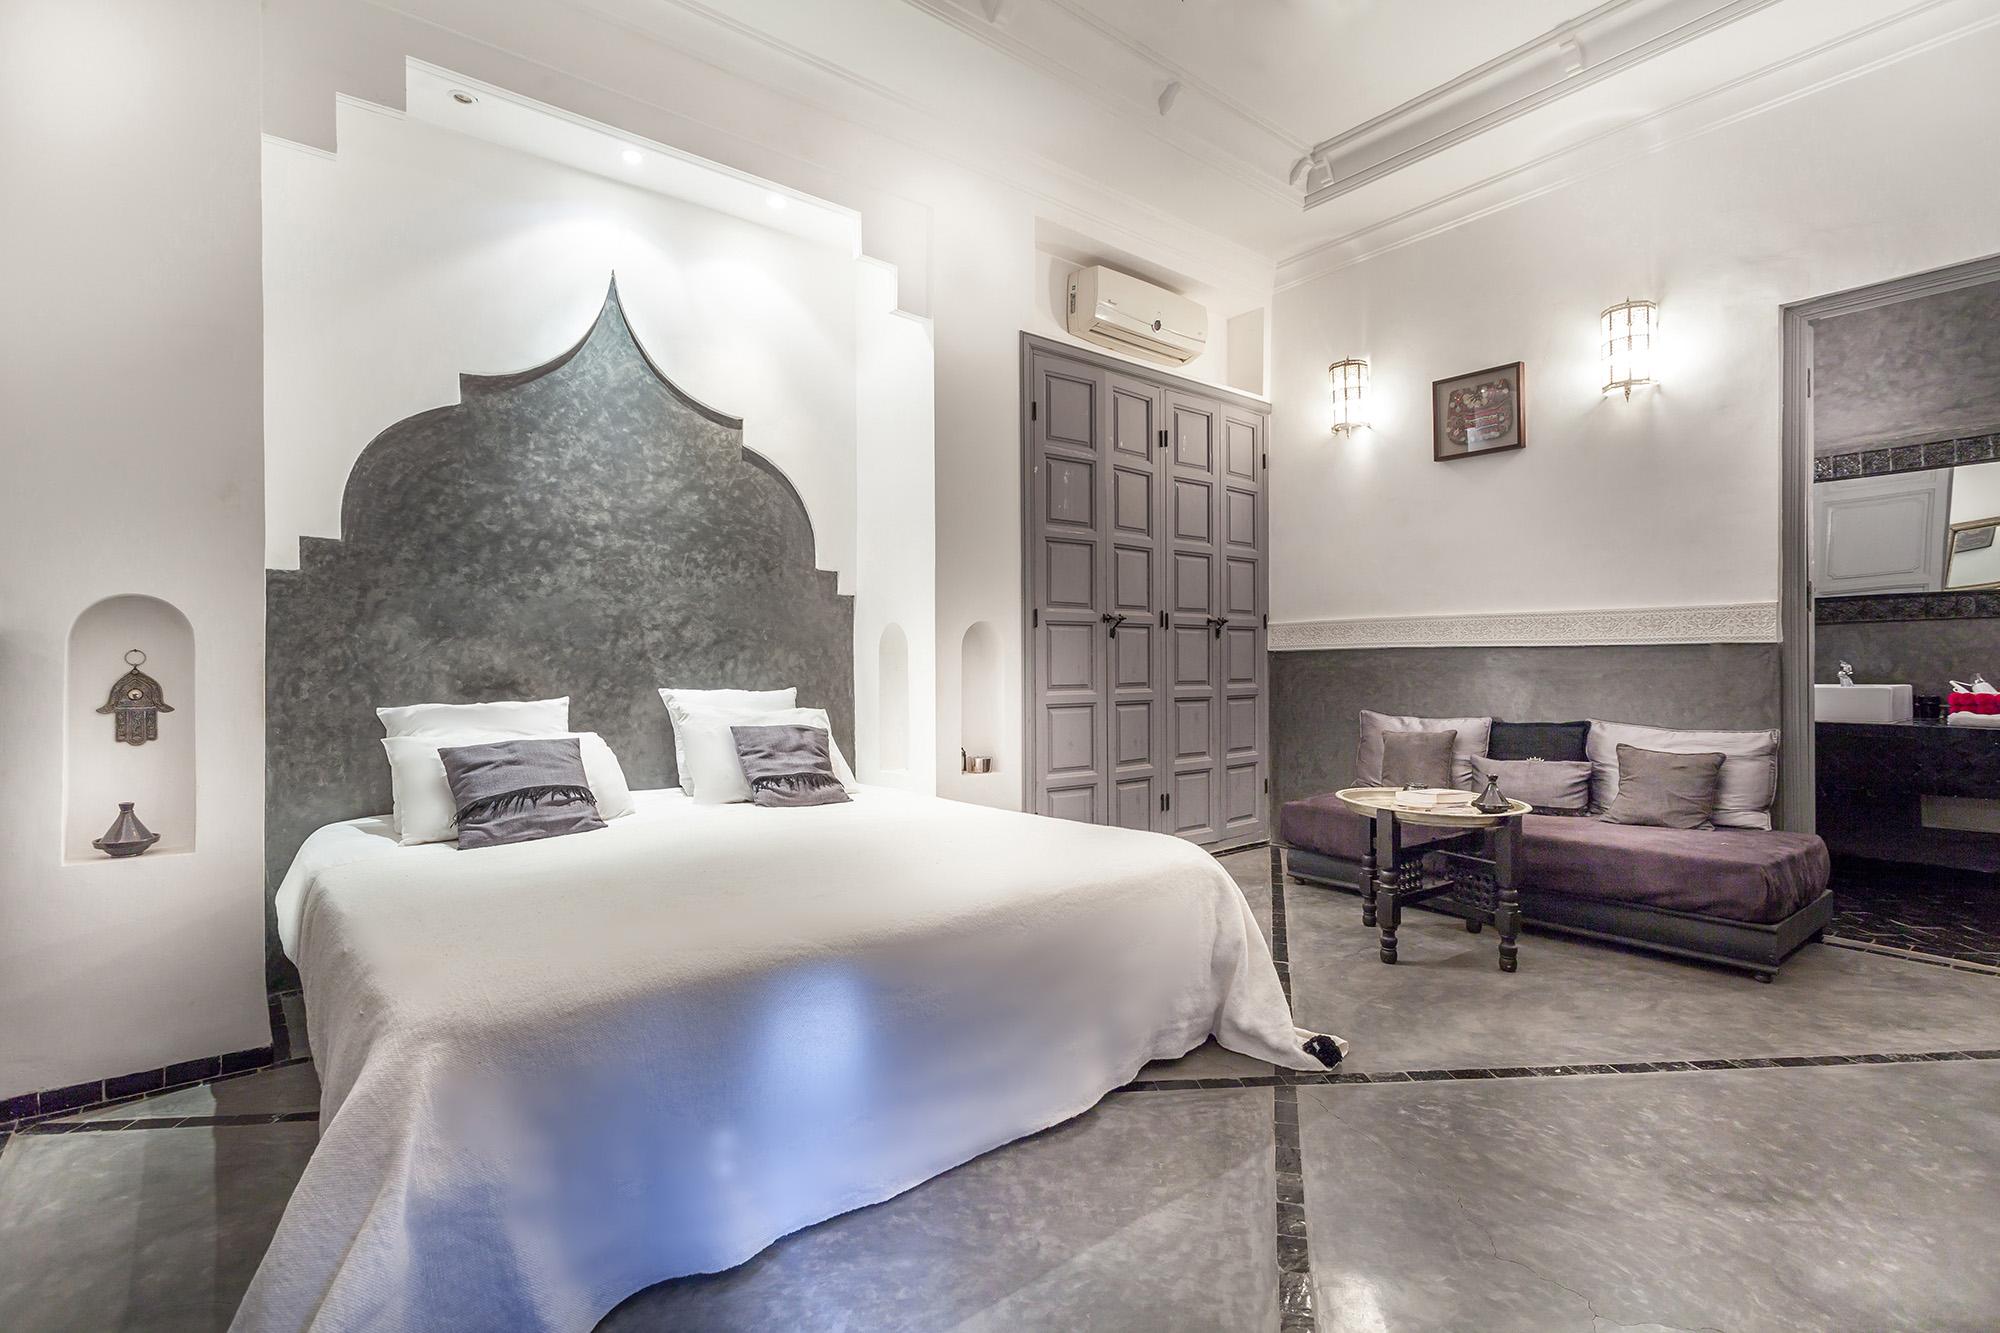 chambre marrakech pas cher free tte de lit pas cher ides diy with chambre marrakech pas cher. Black Bedroom Furniture Sets. Home Design Ideas